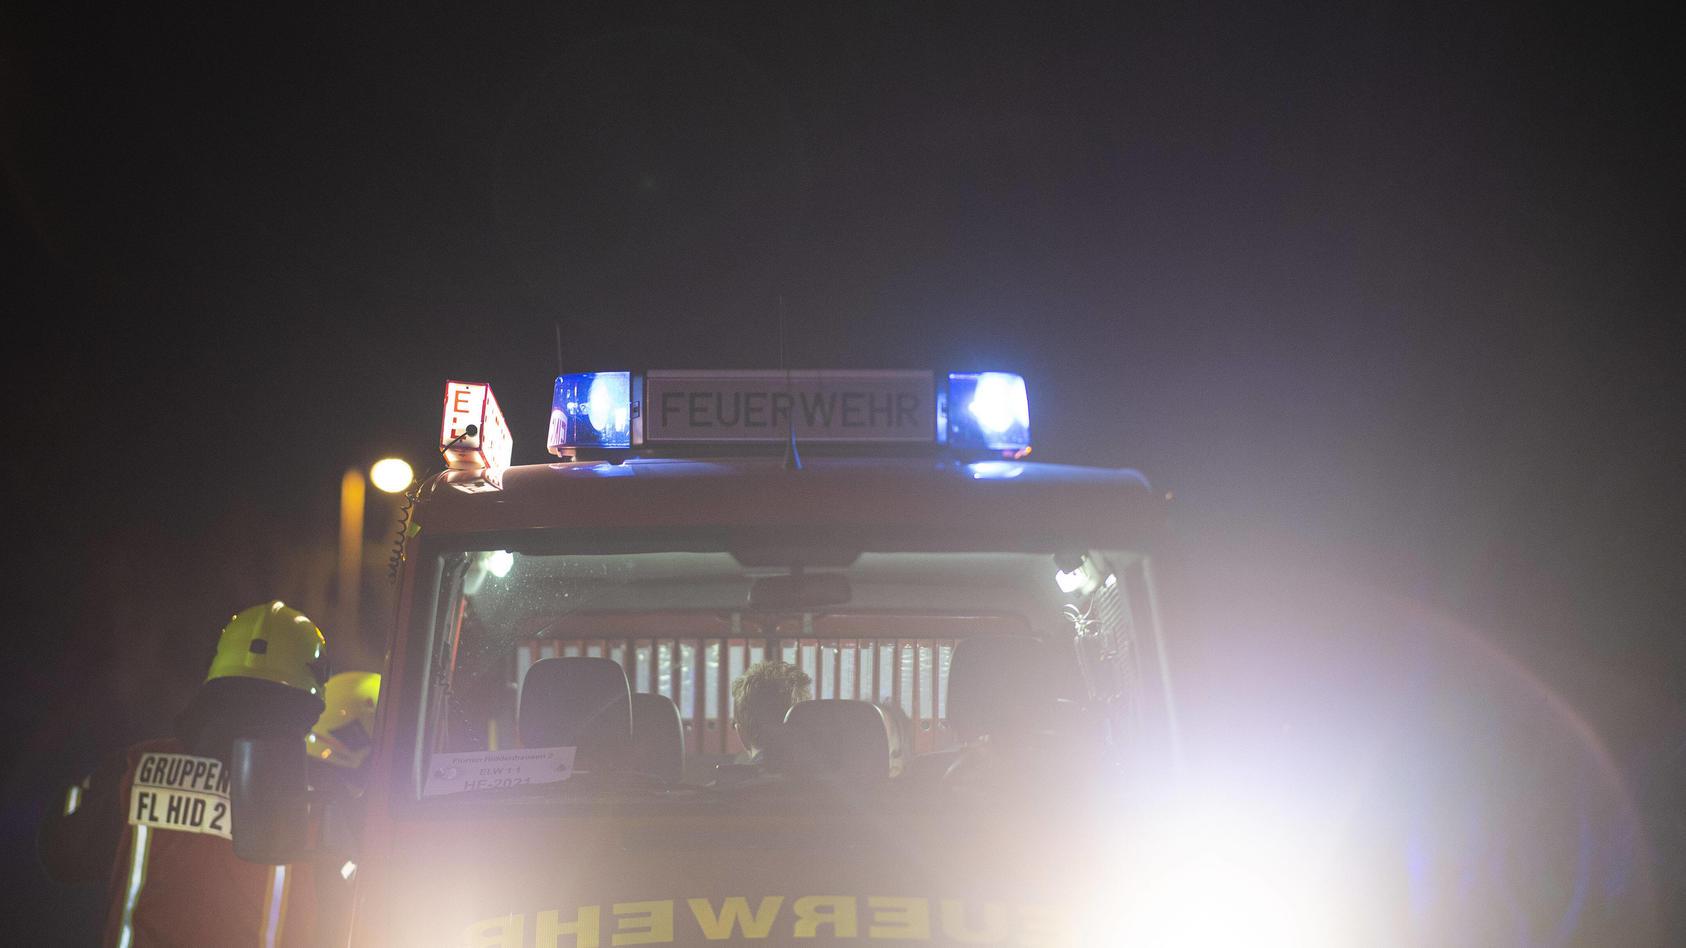 am-donnerstagabend-sind-zwei-lastwagen-nach-einem-auffahrunfall-in-brand-geraten